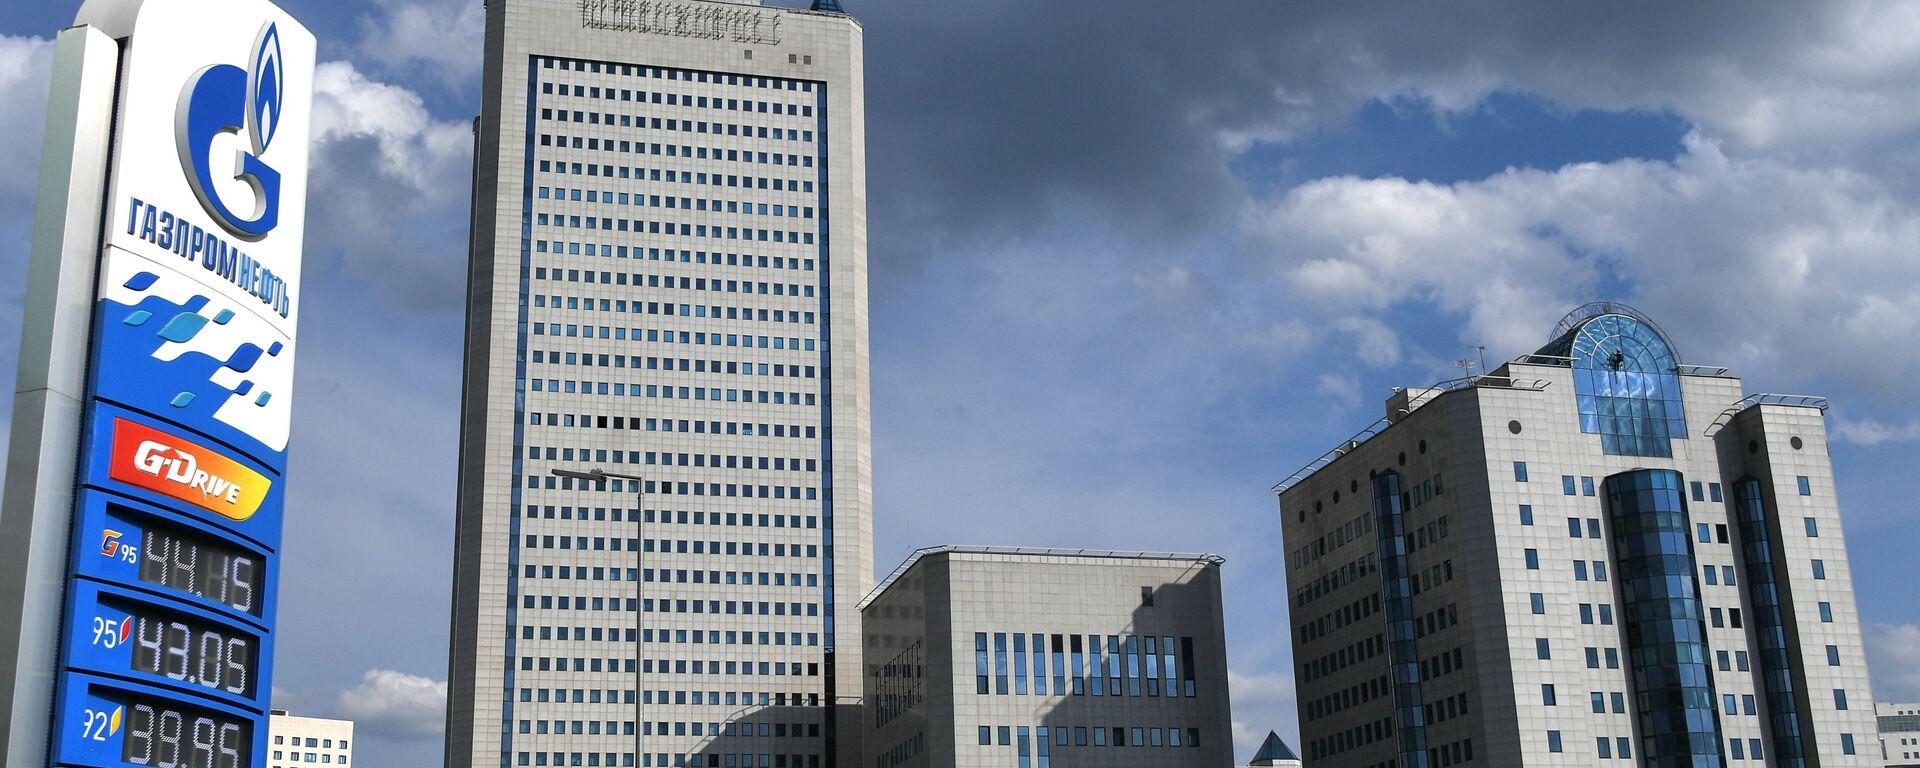 Budova společnosti Gazprom v Moskvě - Sputnik Česká republika, 1920, 22.07.2021